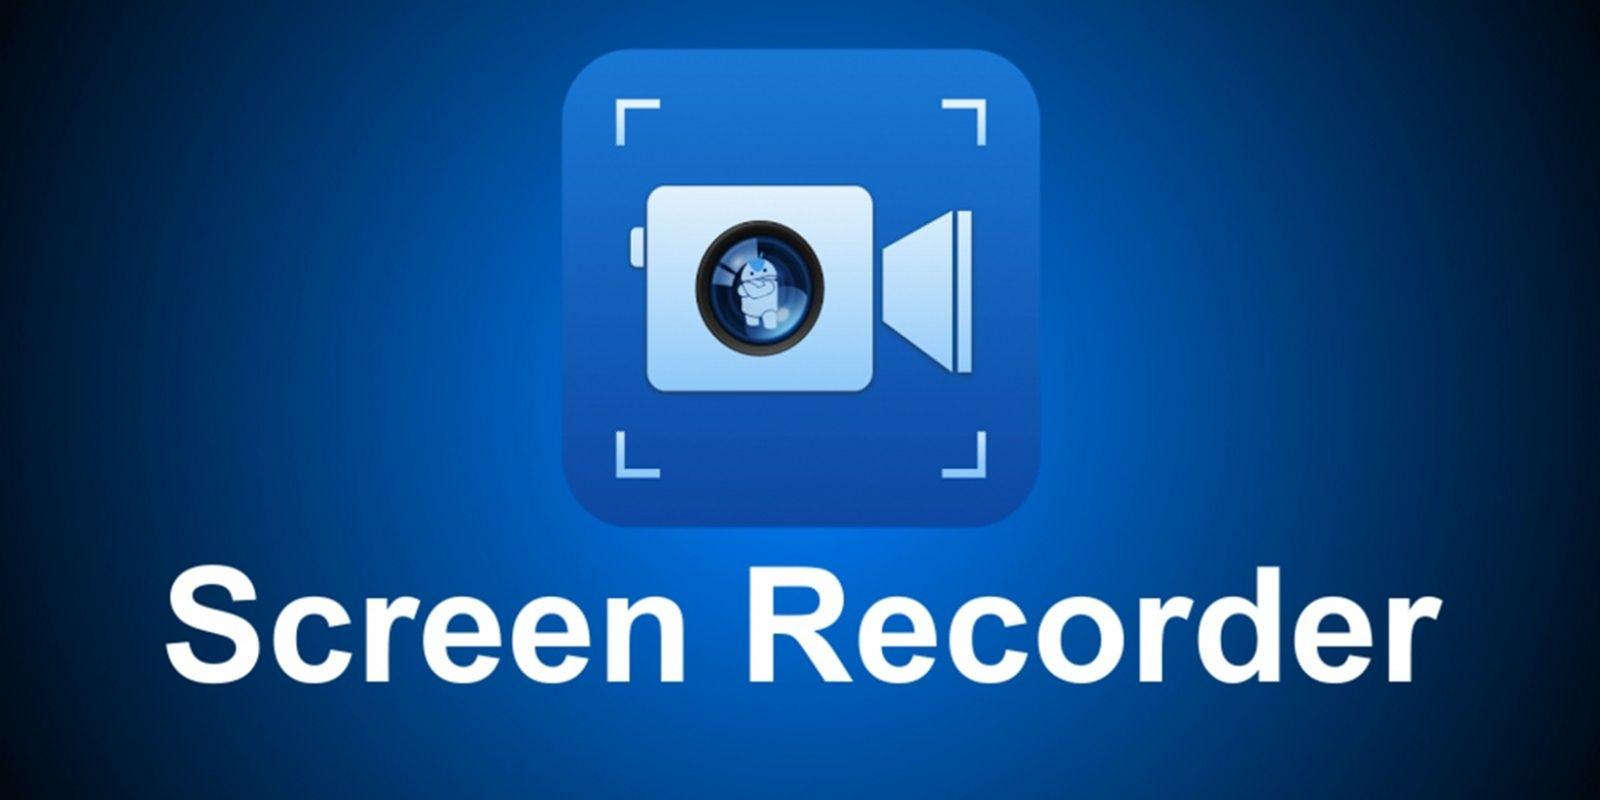 Cara Jitu Agar Bisa Melakukan Rekaman Layar (Screen Recorder) Pada Smartphone Anda 1